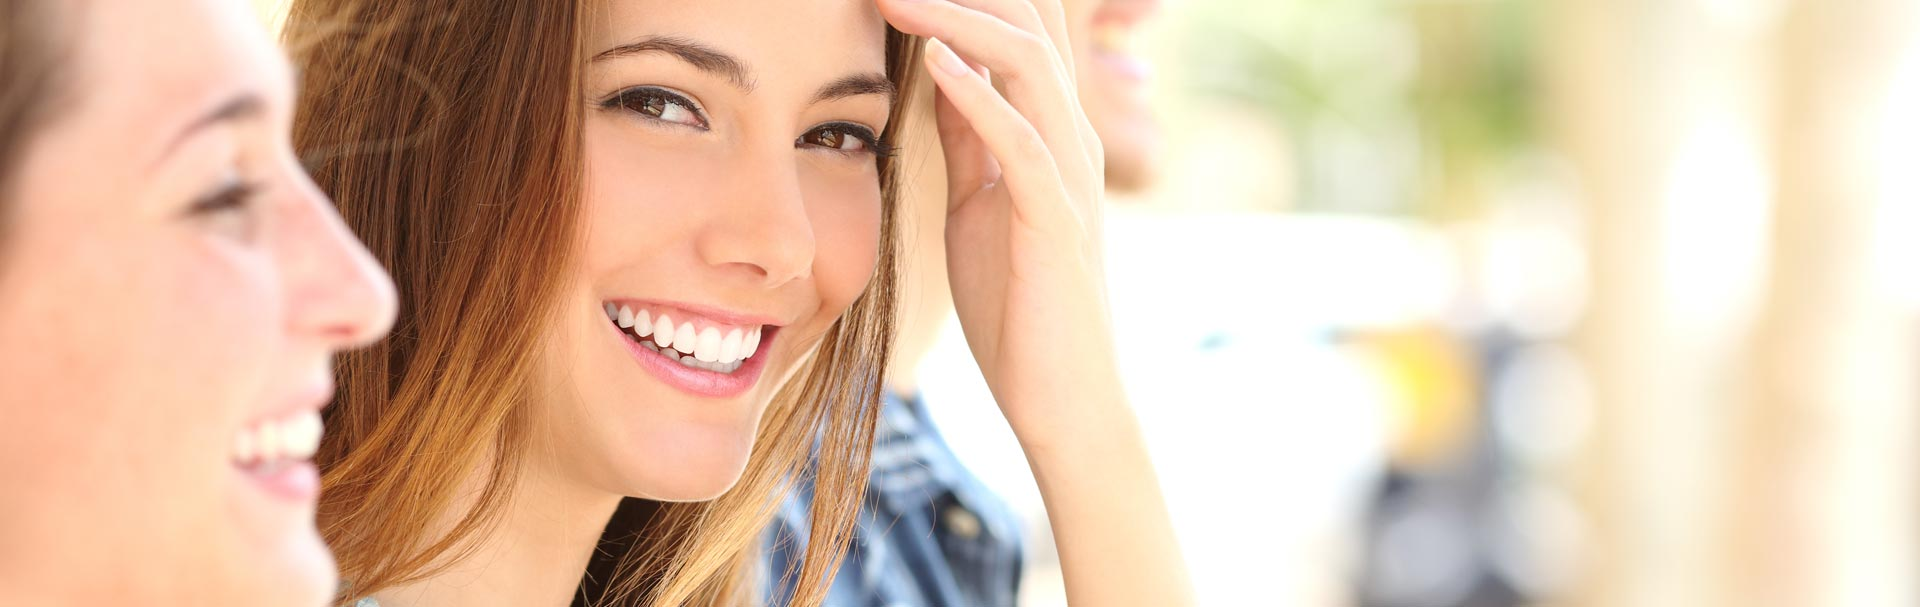 Happy woman after having dental veneers treatment